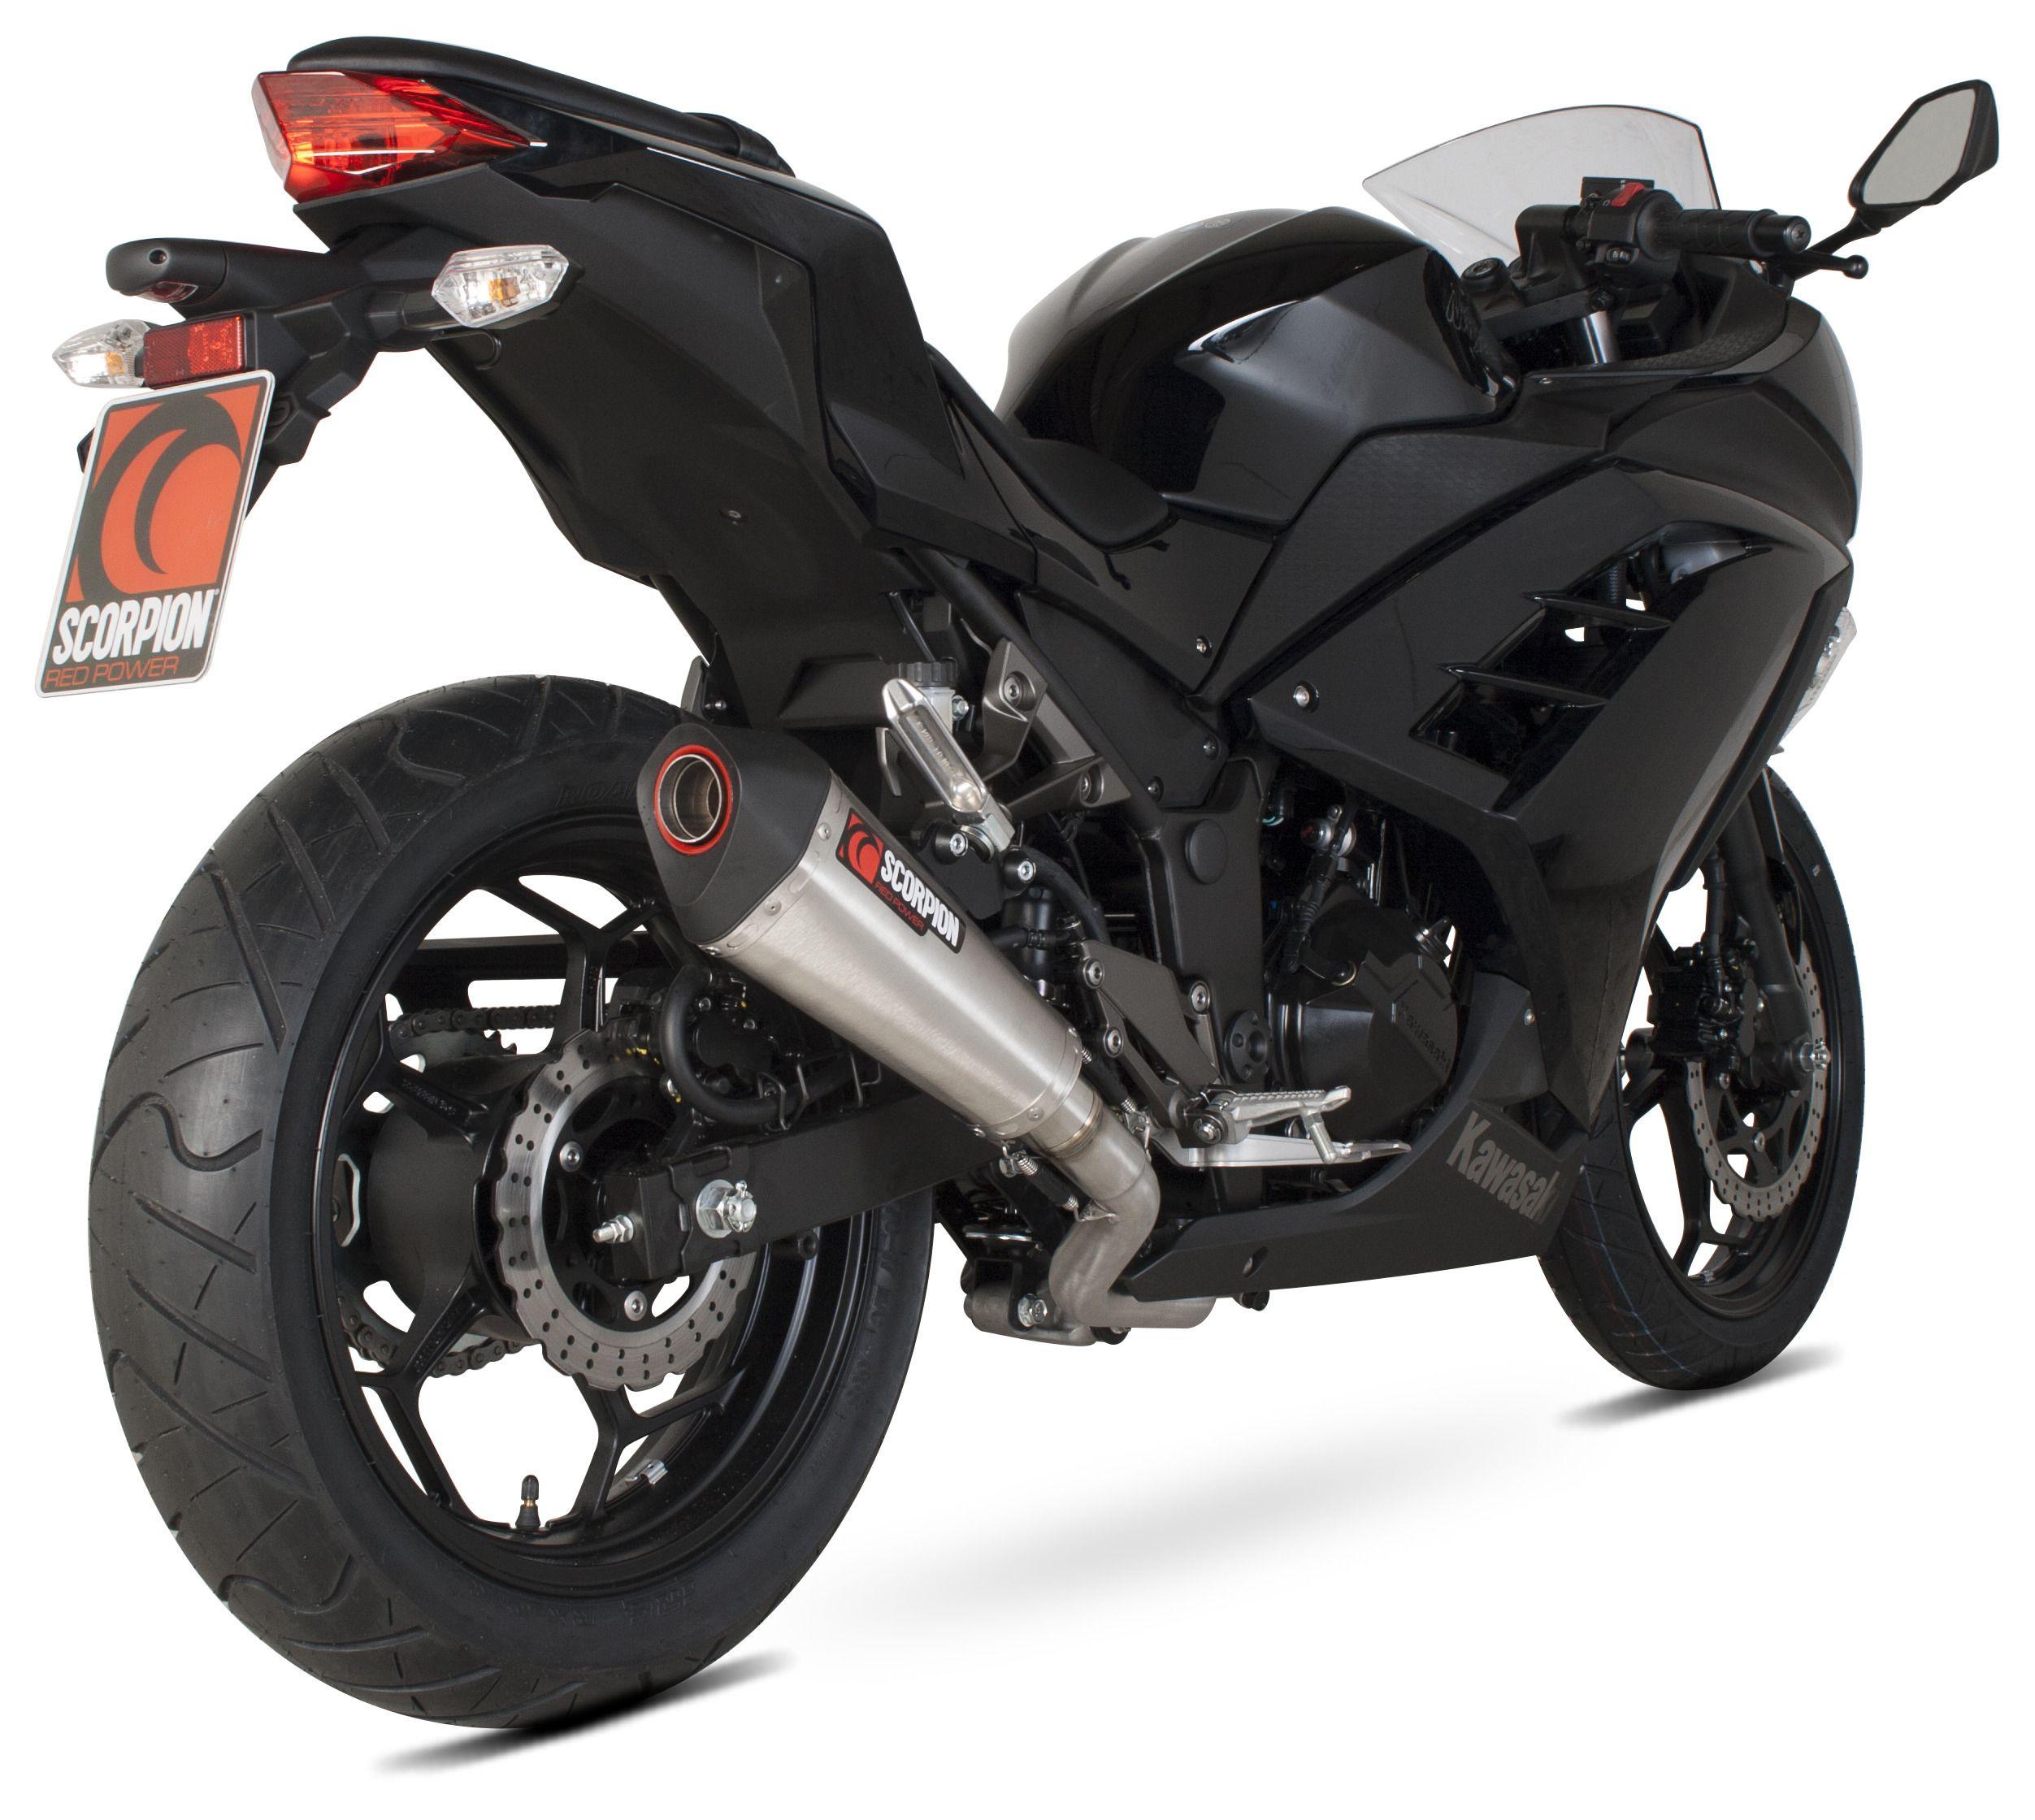 Scorpion Serket Taper Exhaust System Kawasaki Ninja 300 2013-2017 | 10%  ($104.00) Off! - RevZilla